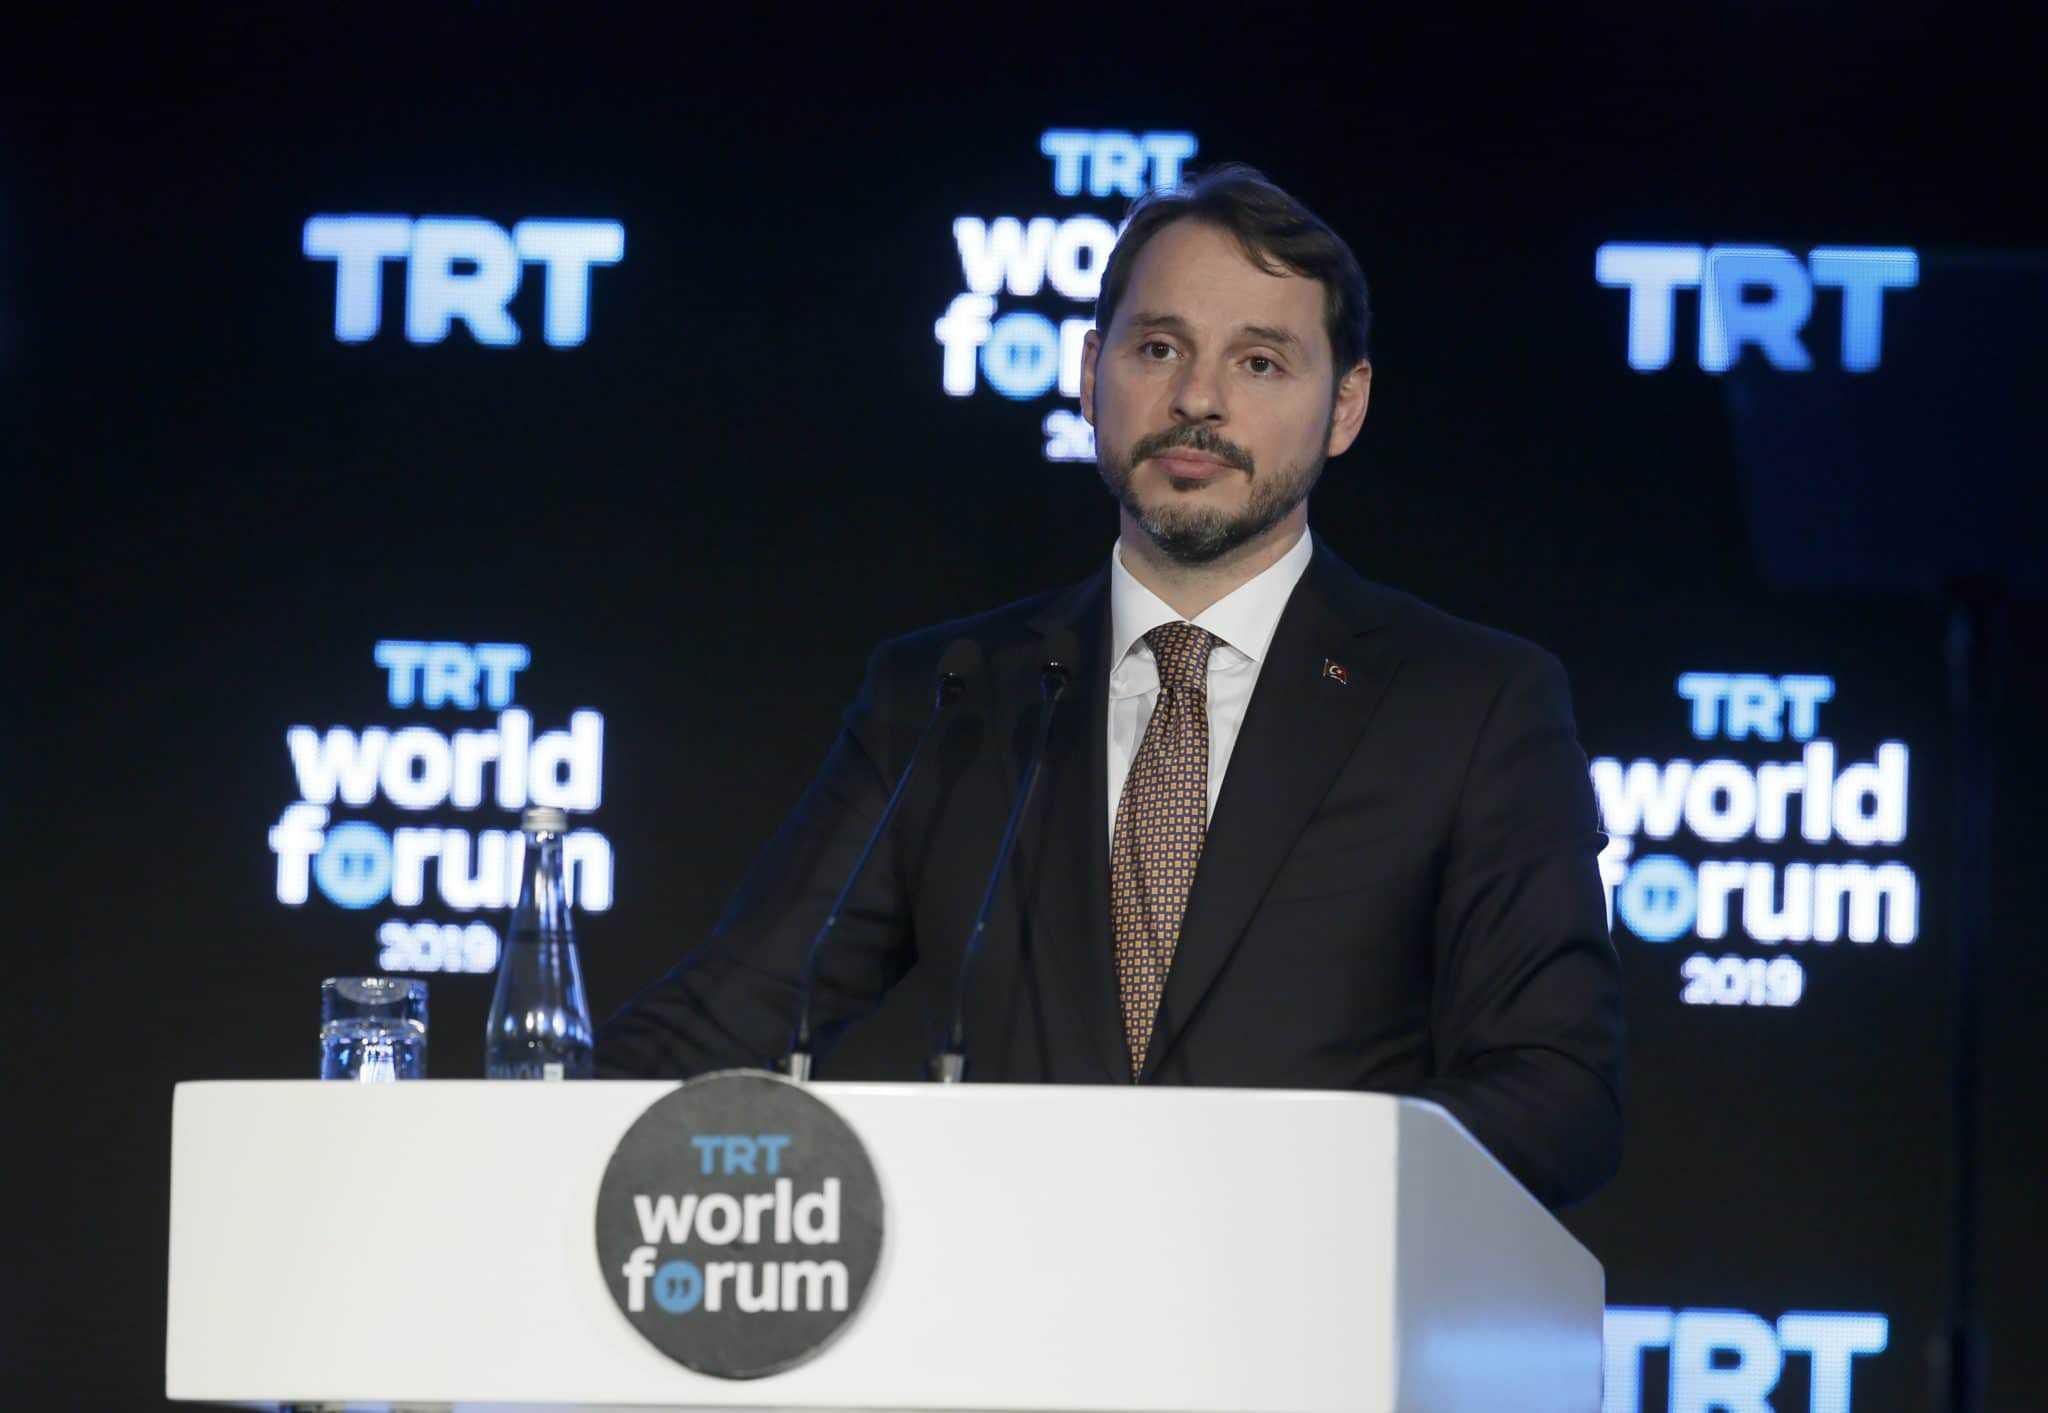 براءت ألبيرق وزير المالية التركي